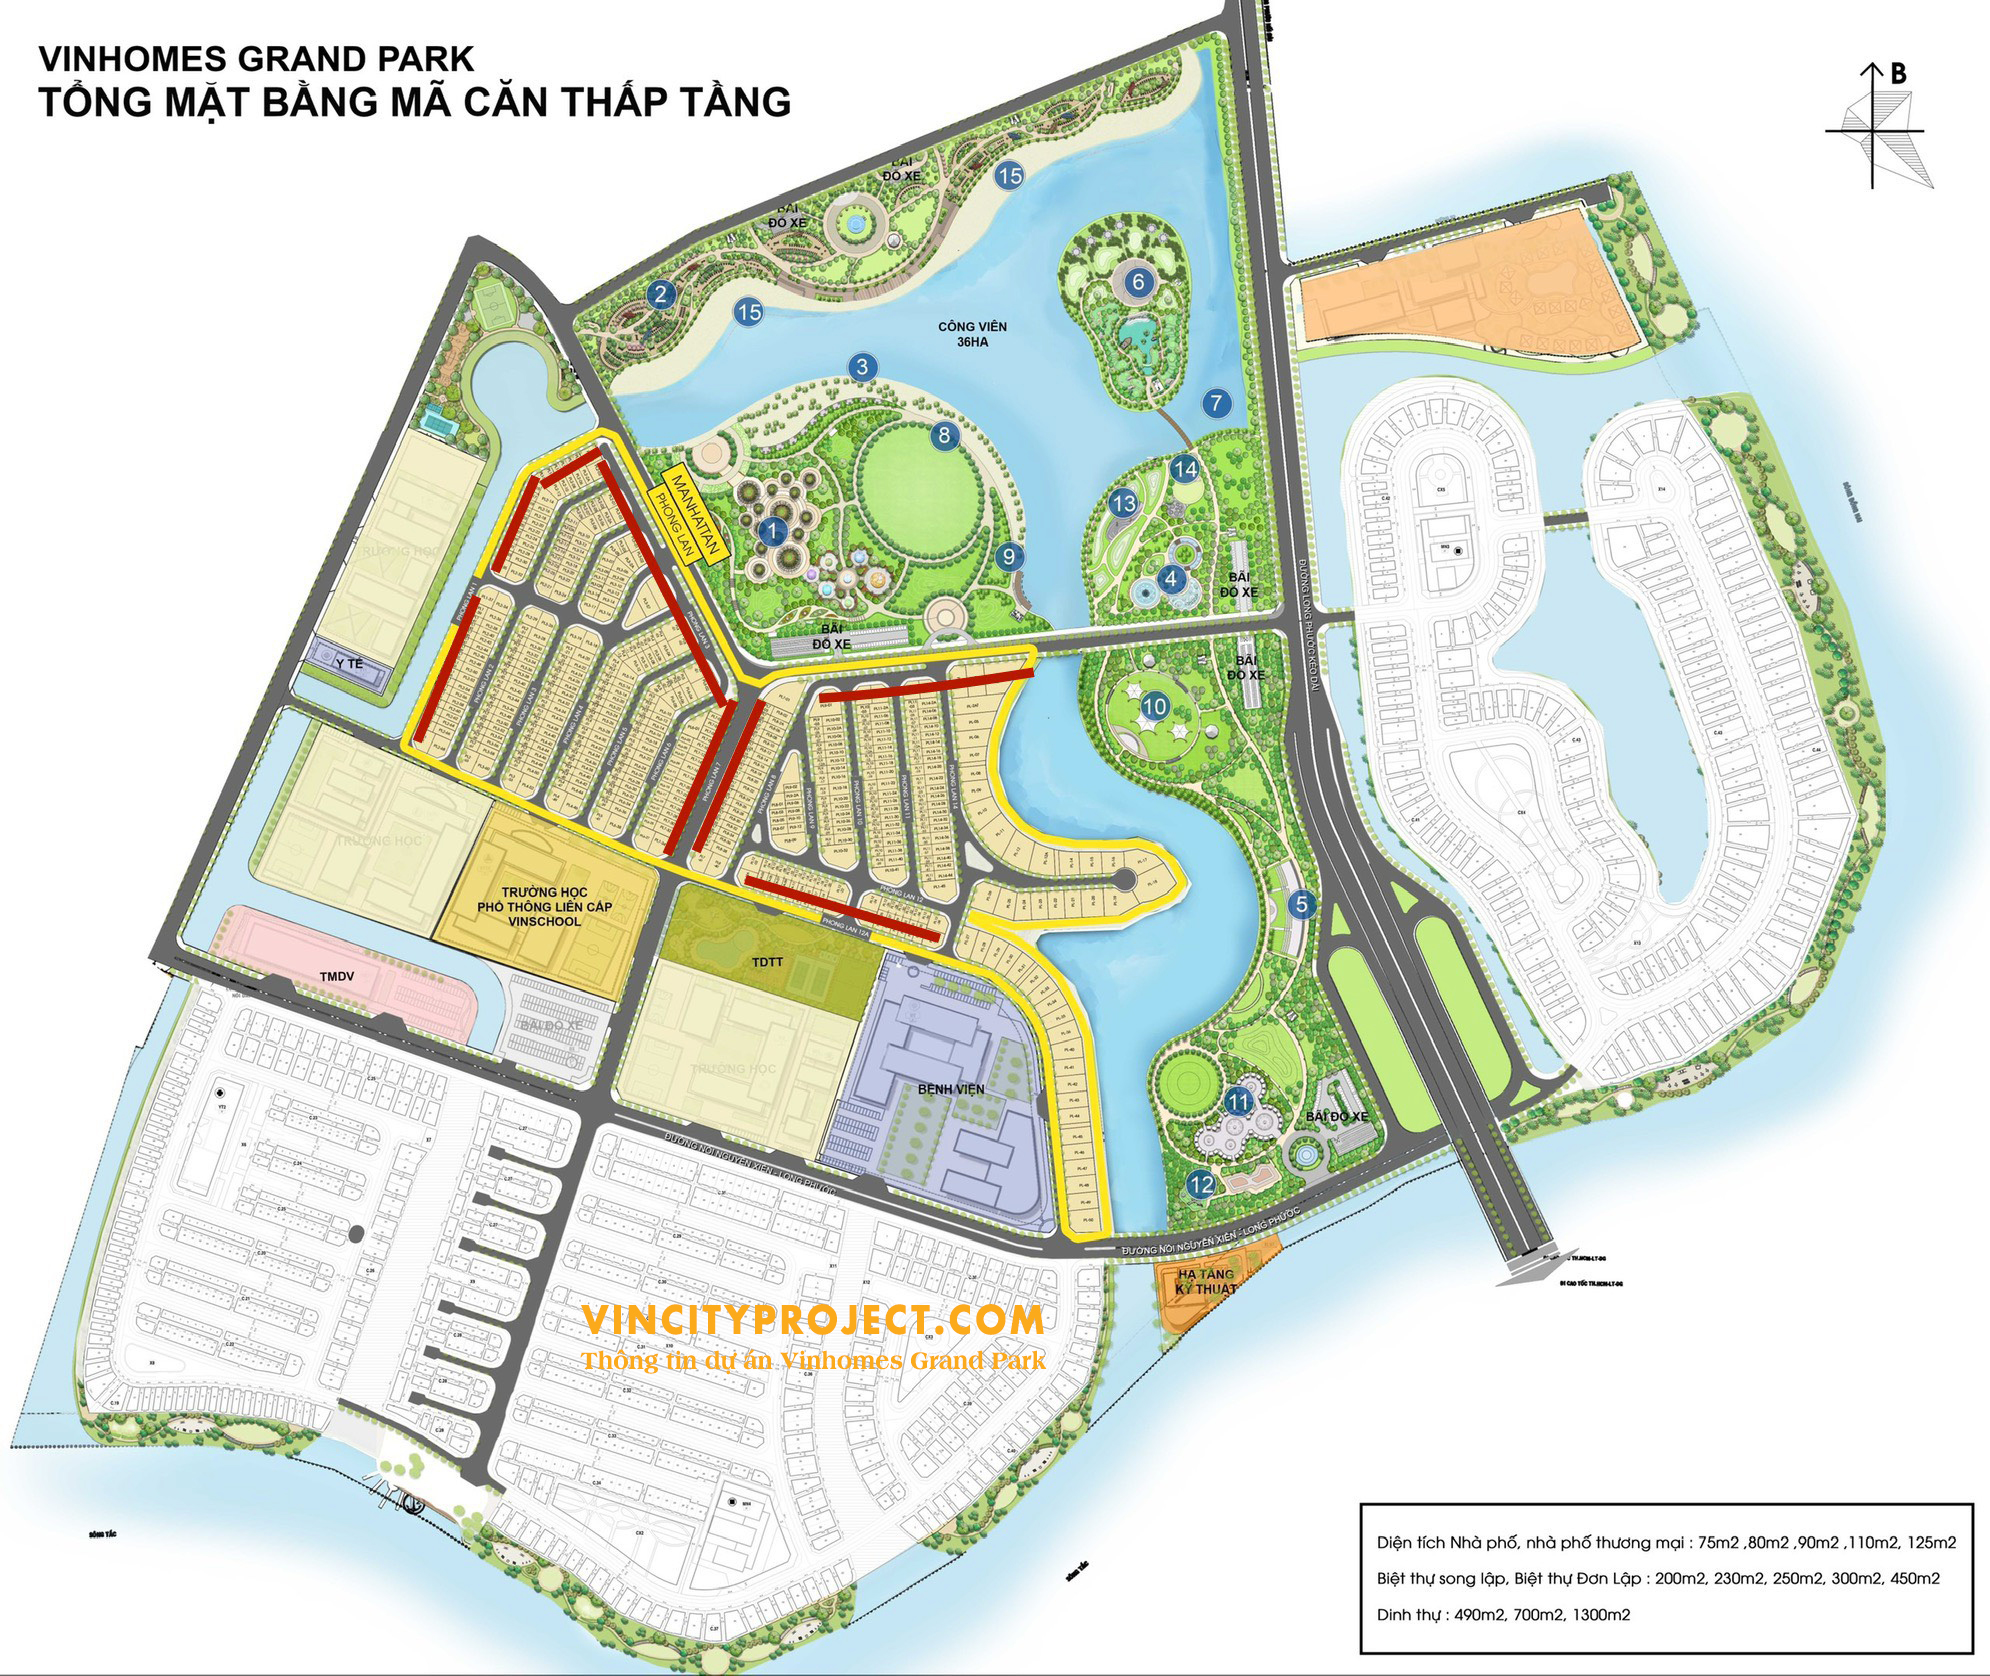 Mặt bằng tổng thể nhà phố Vinhomes Quận 9 mới nhất - Mở Bán